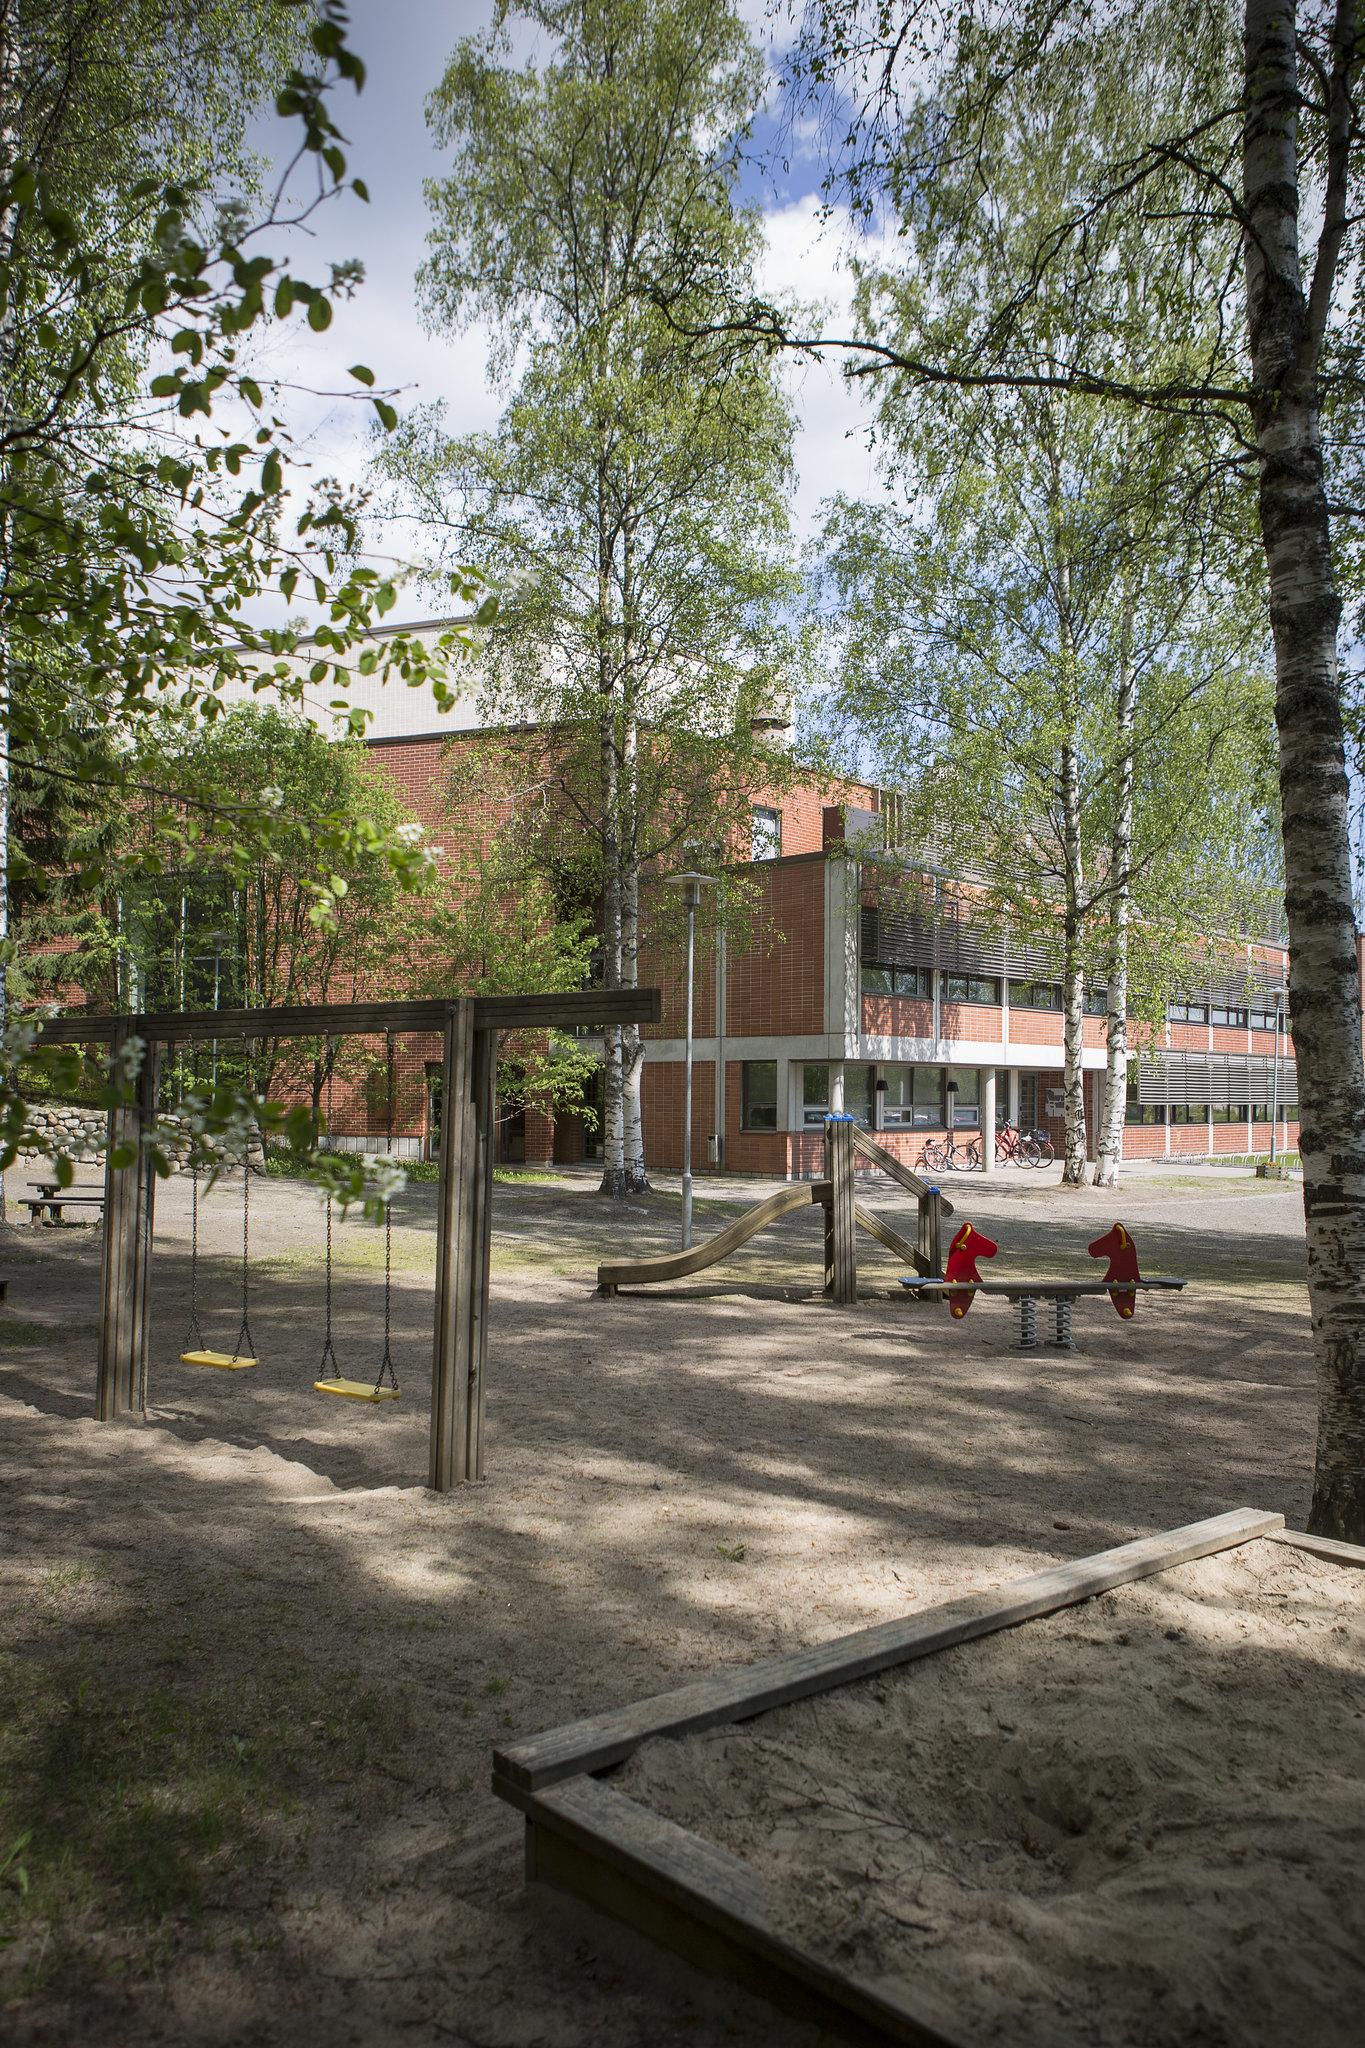 jyväskylän seurakunta vuokra asunnot Vaasa